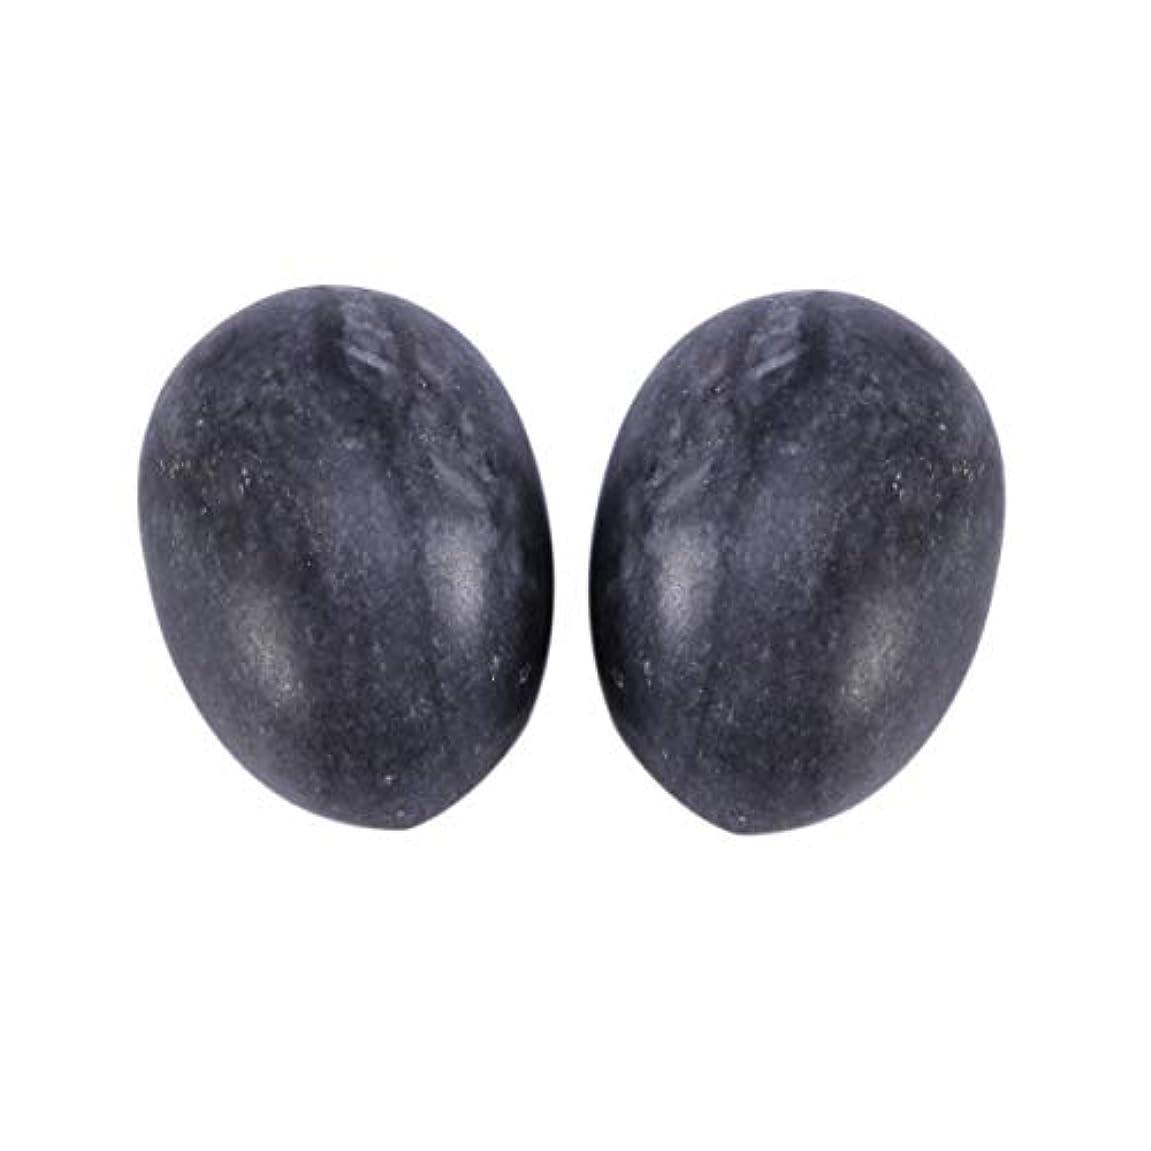 午後ところで摂氏Healifty 6PCS翡翠Yoni卵マッサージ癒しの石のケゲル運動骨盤底筋運動(黒)